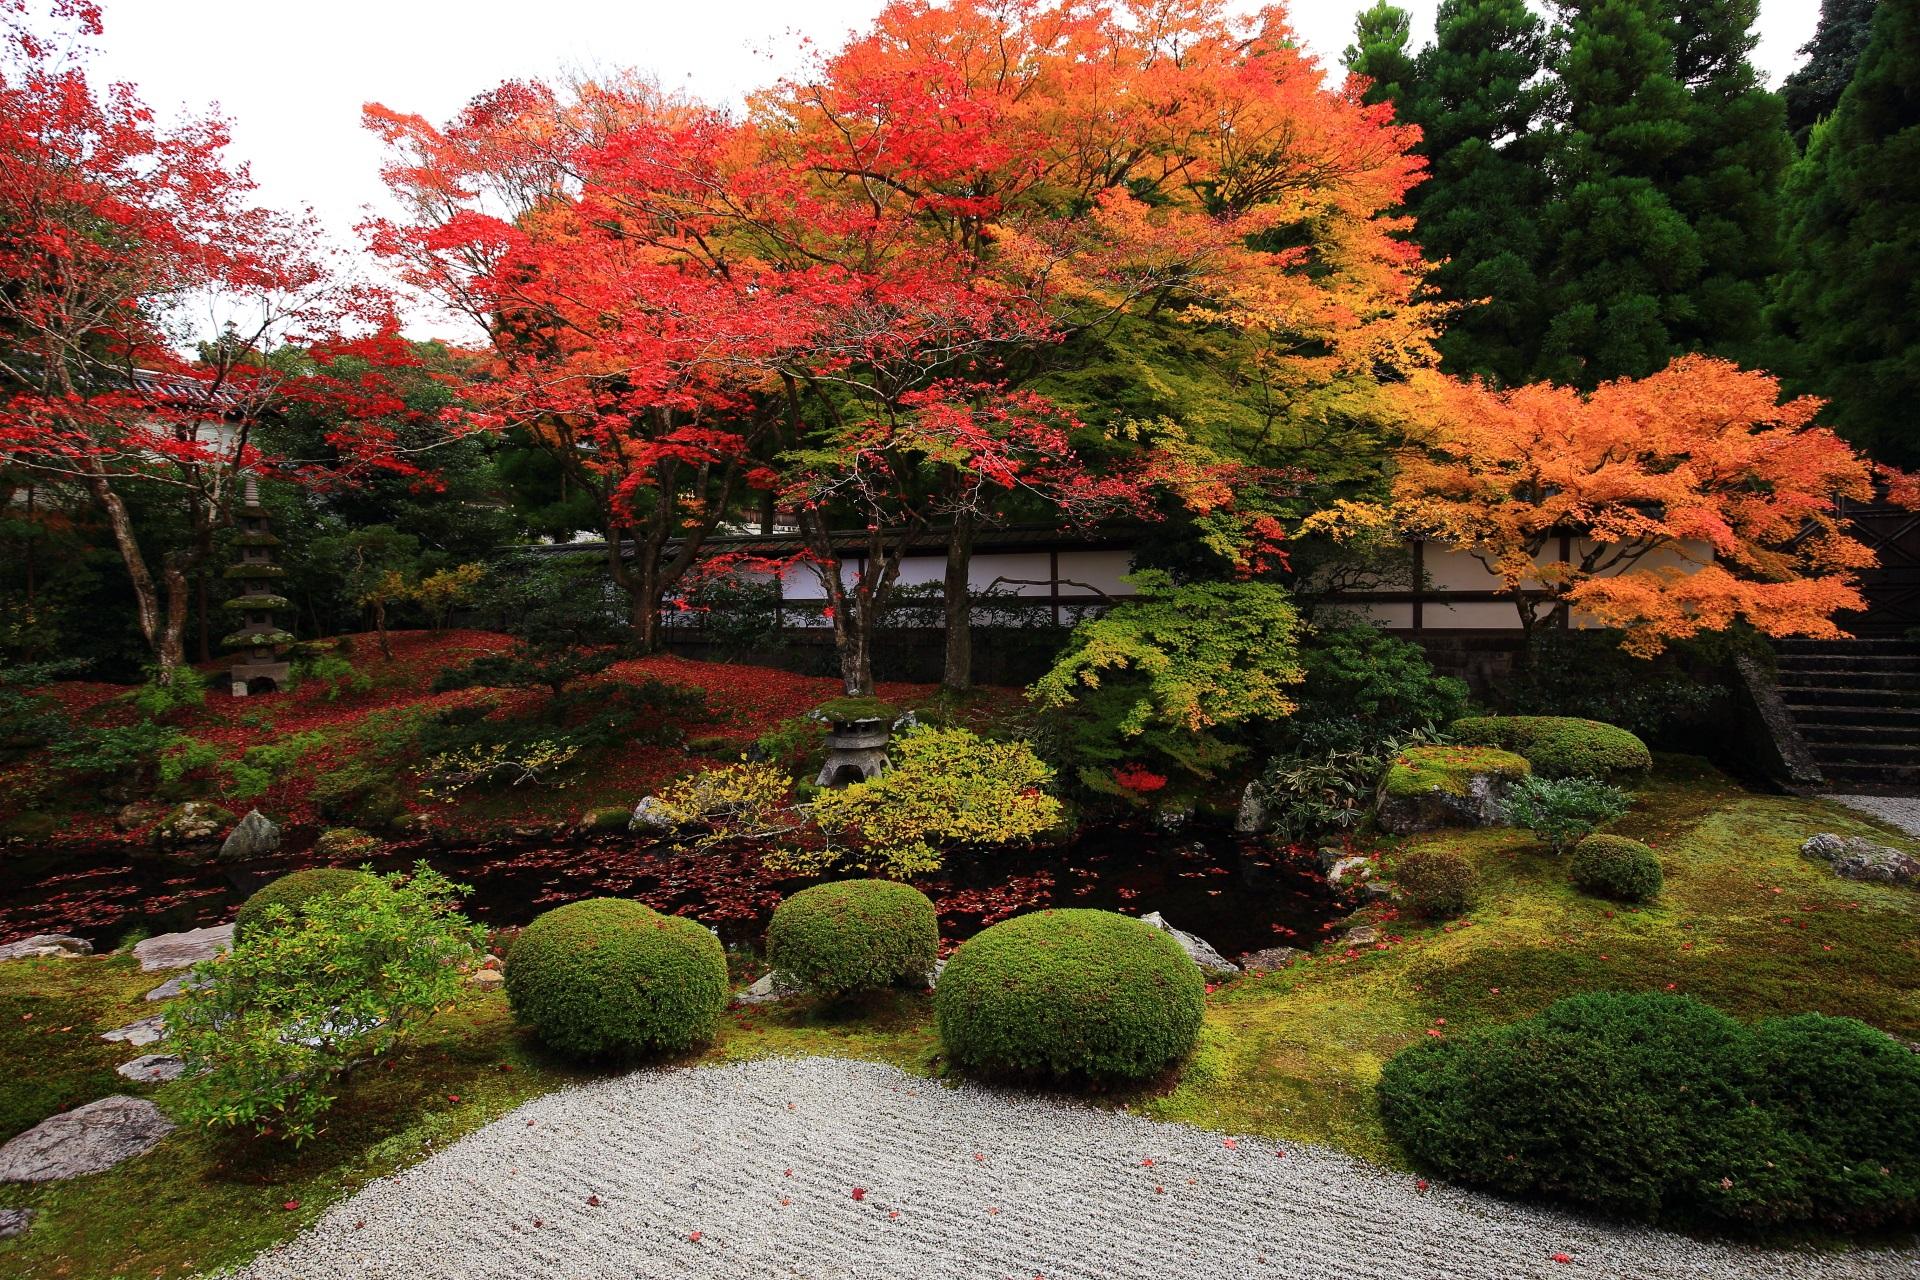 色とりどりに鮮やかに染まる御座所庭園